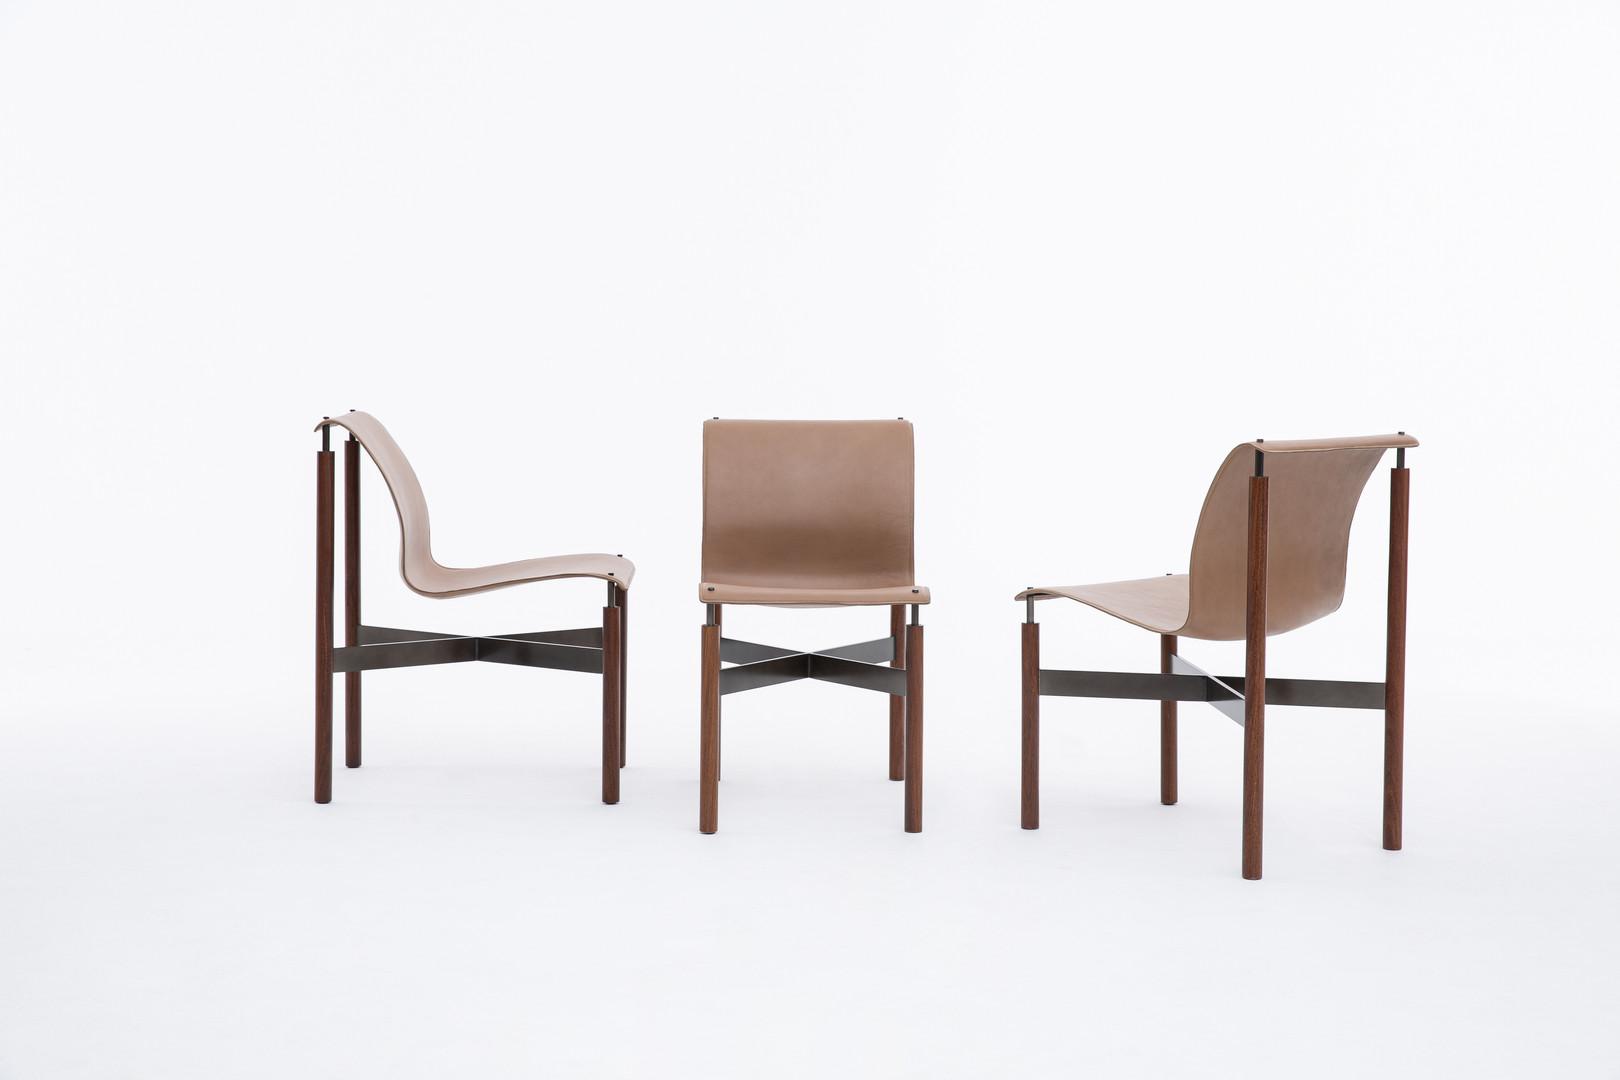 cadeira max trio still.jpg